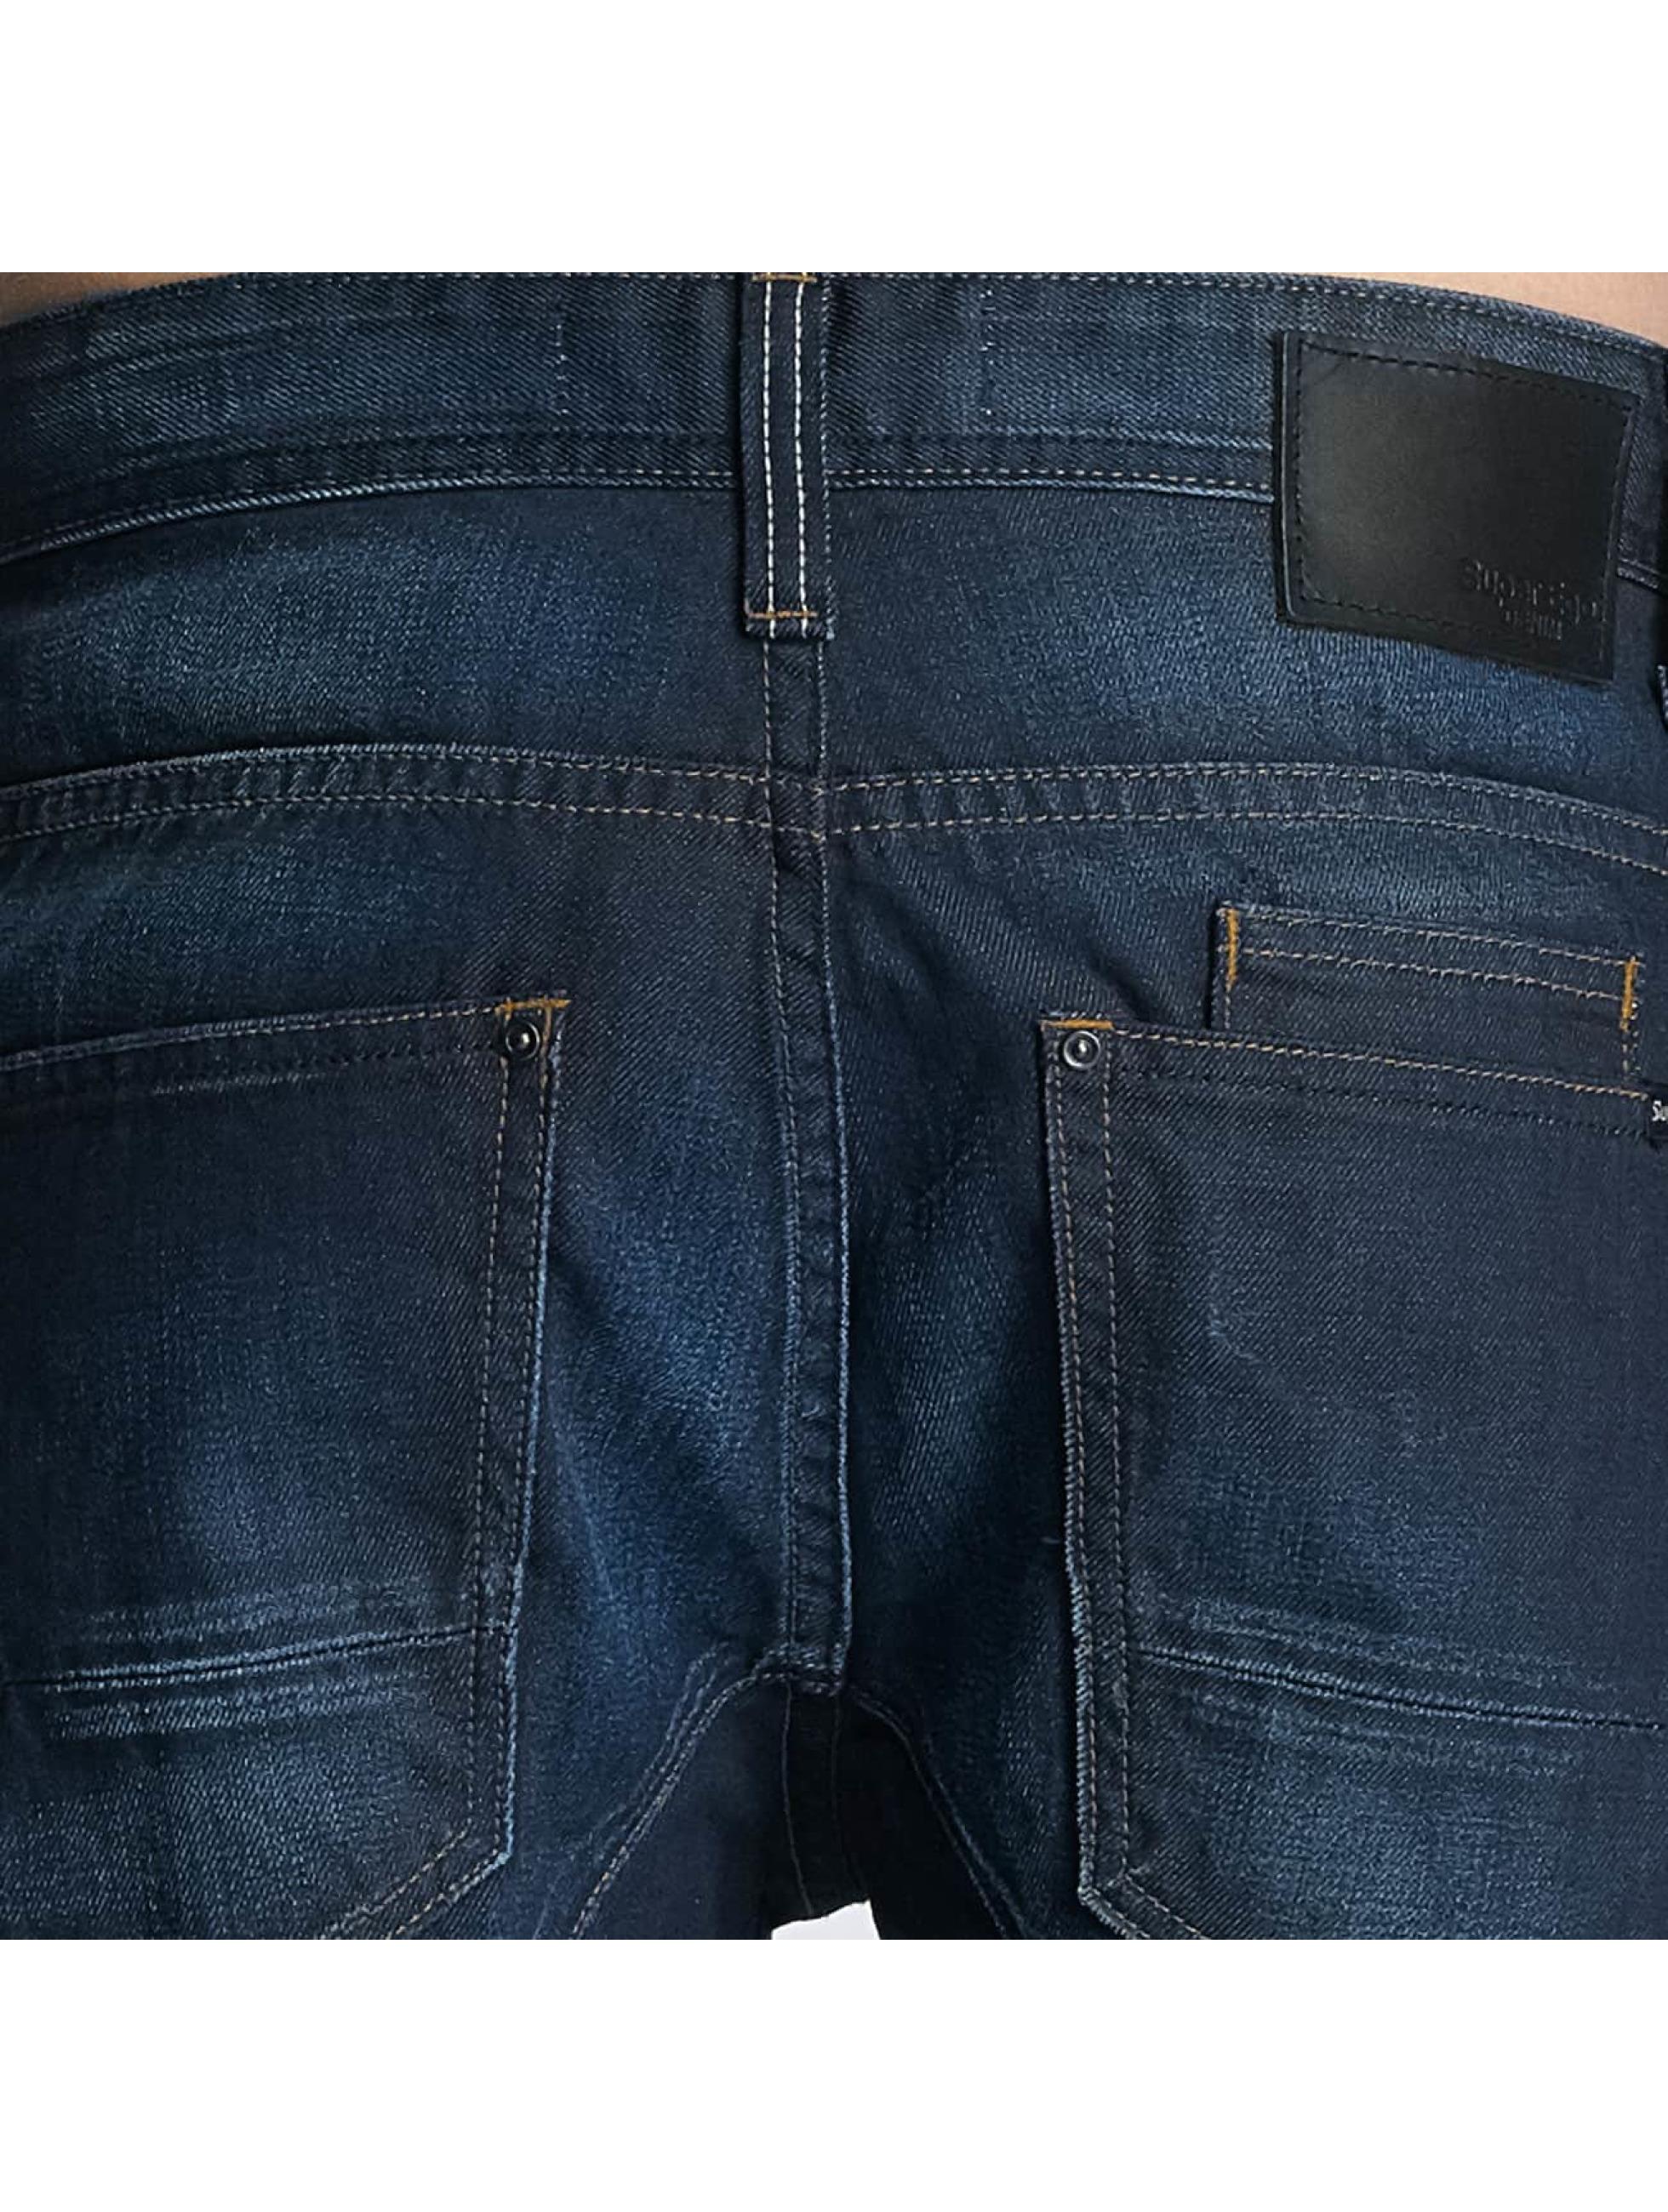 Paris Premium Straight Fit Jeans NORF blau